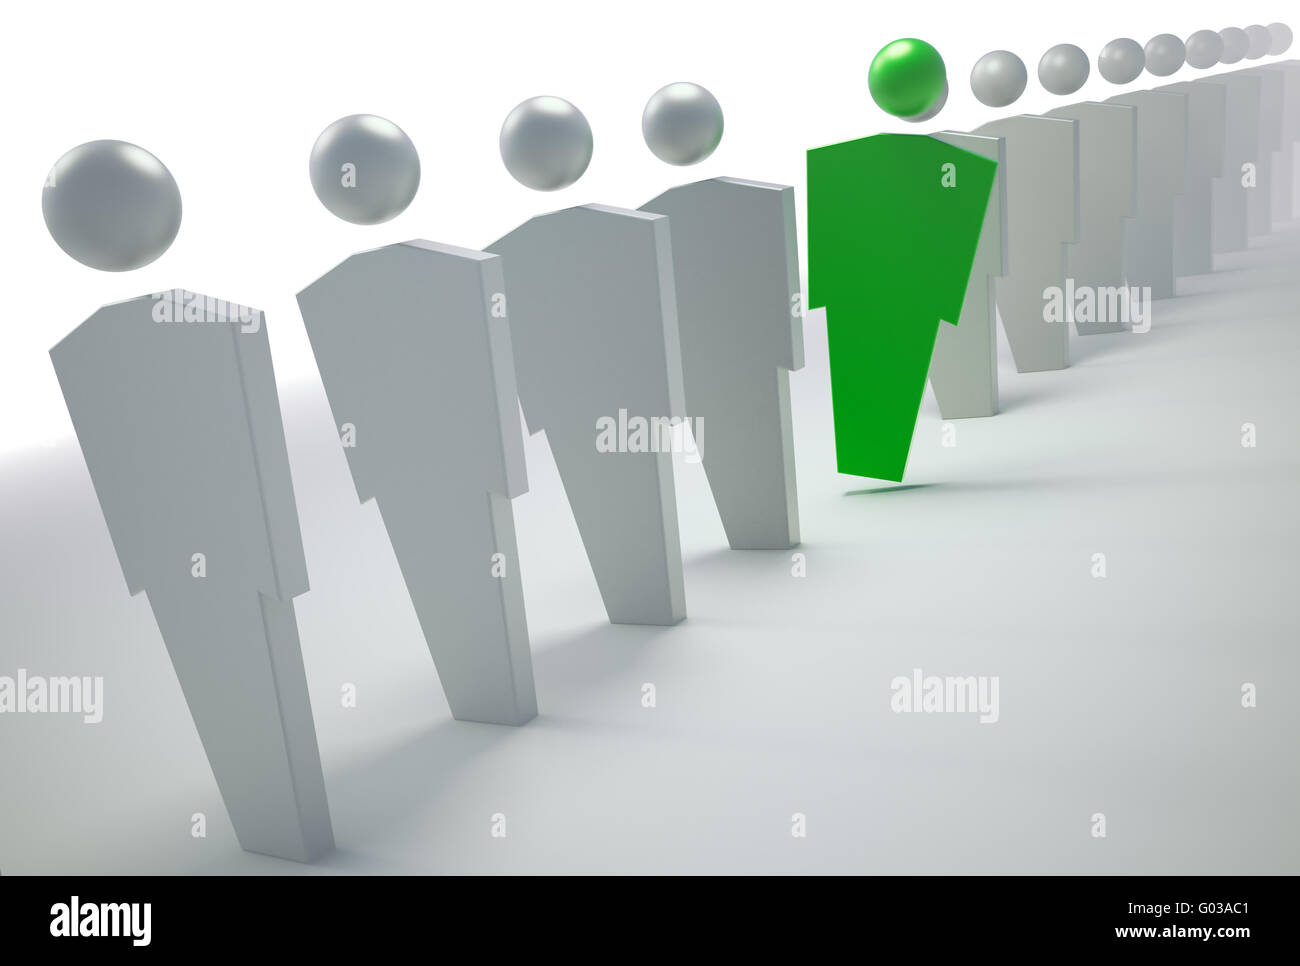 Les symboles 3D de personnes - vert caractère unique dans une ligne Photo Stock